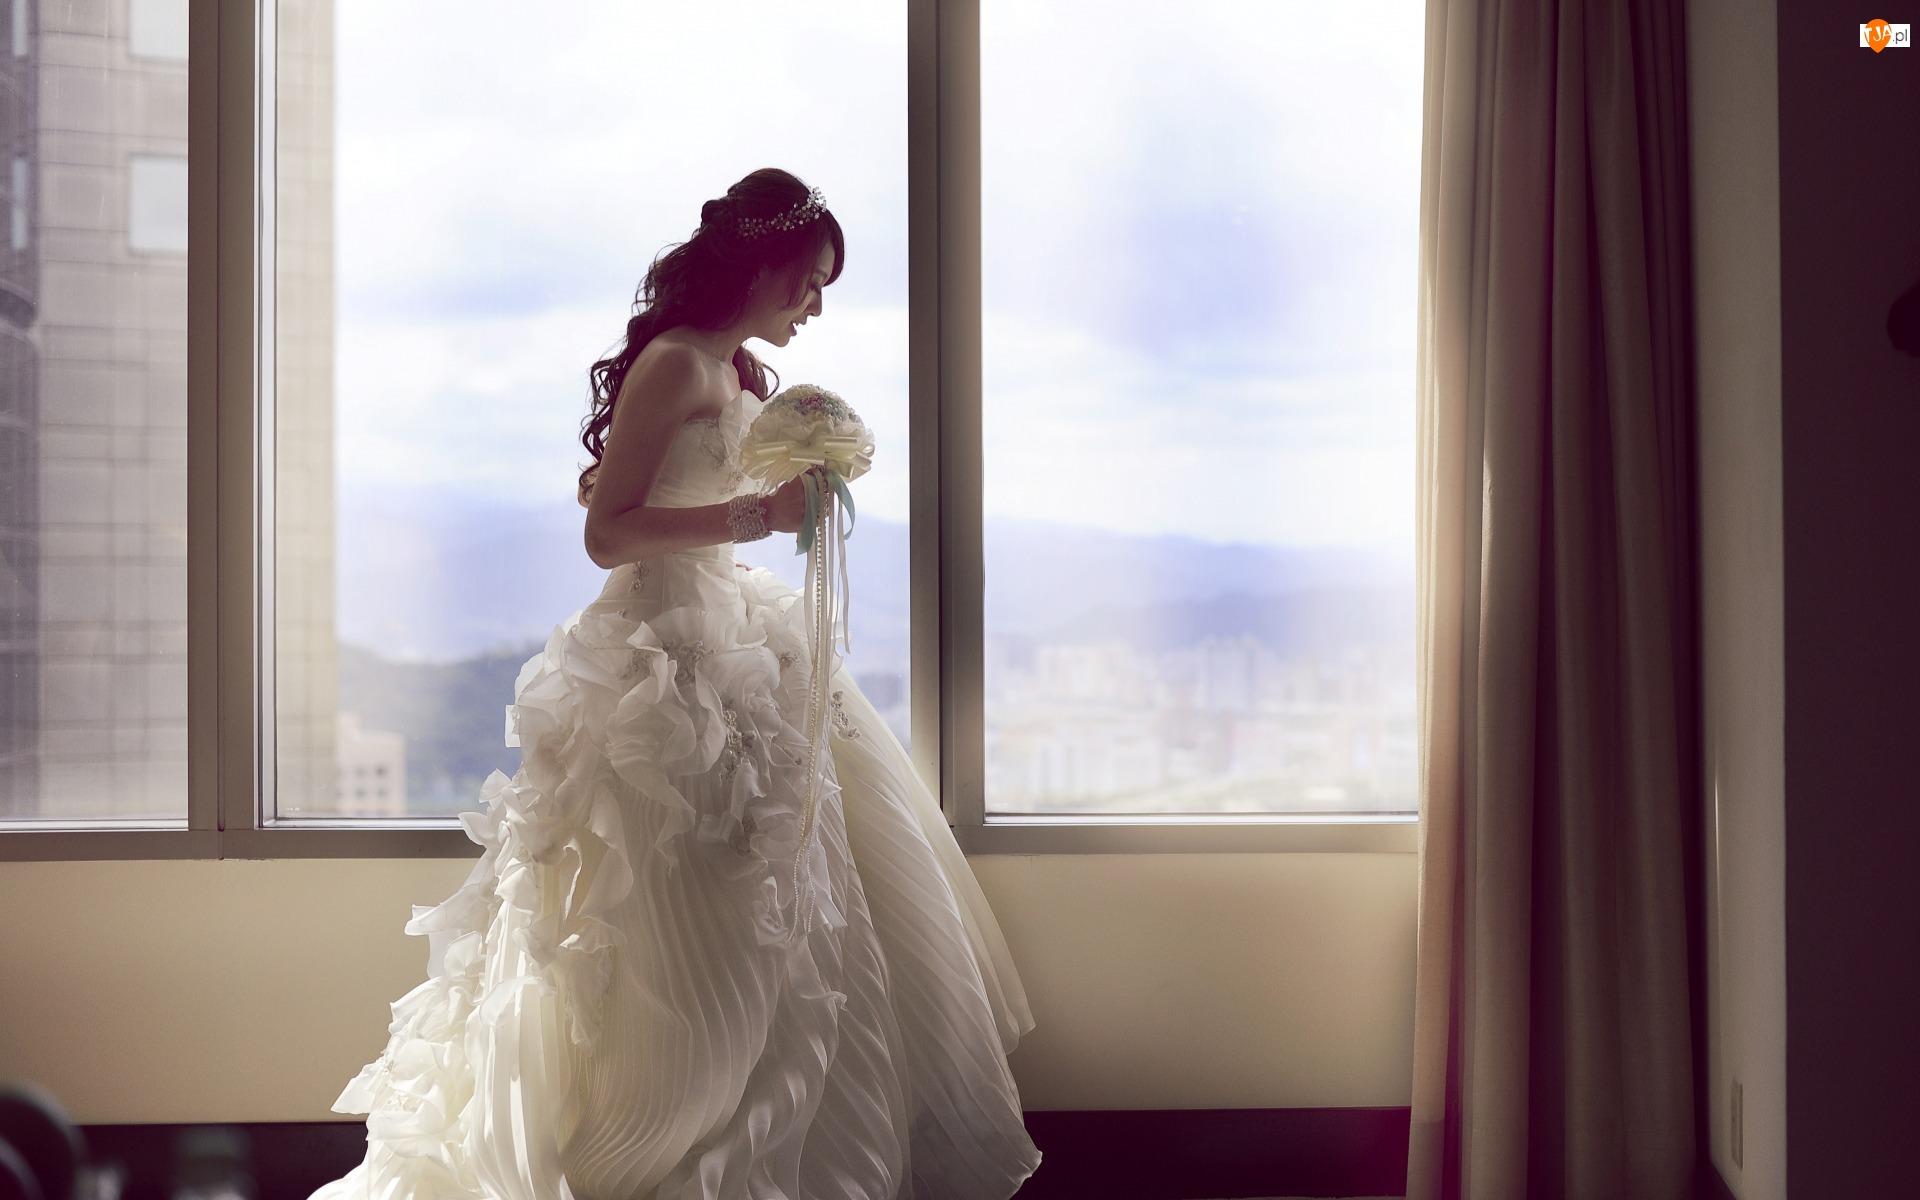 Okna, Kobieta, Suknia biała, Ślub, Bukiet